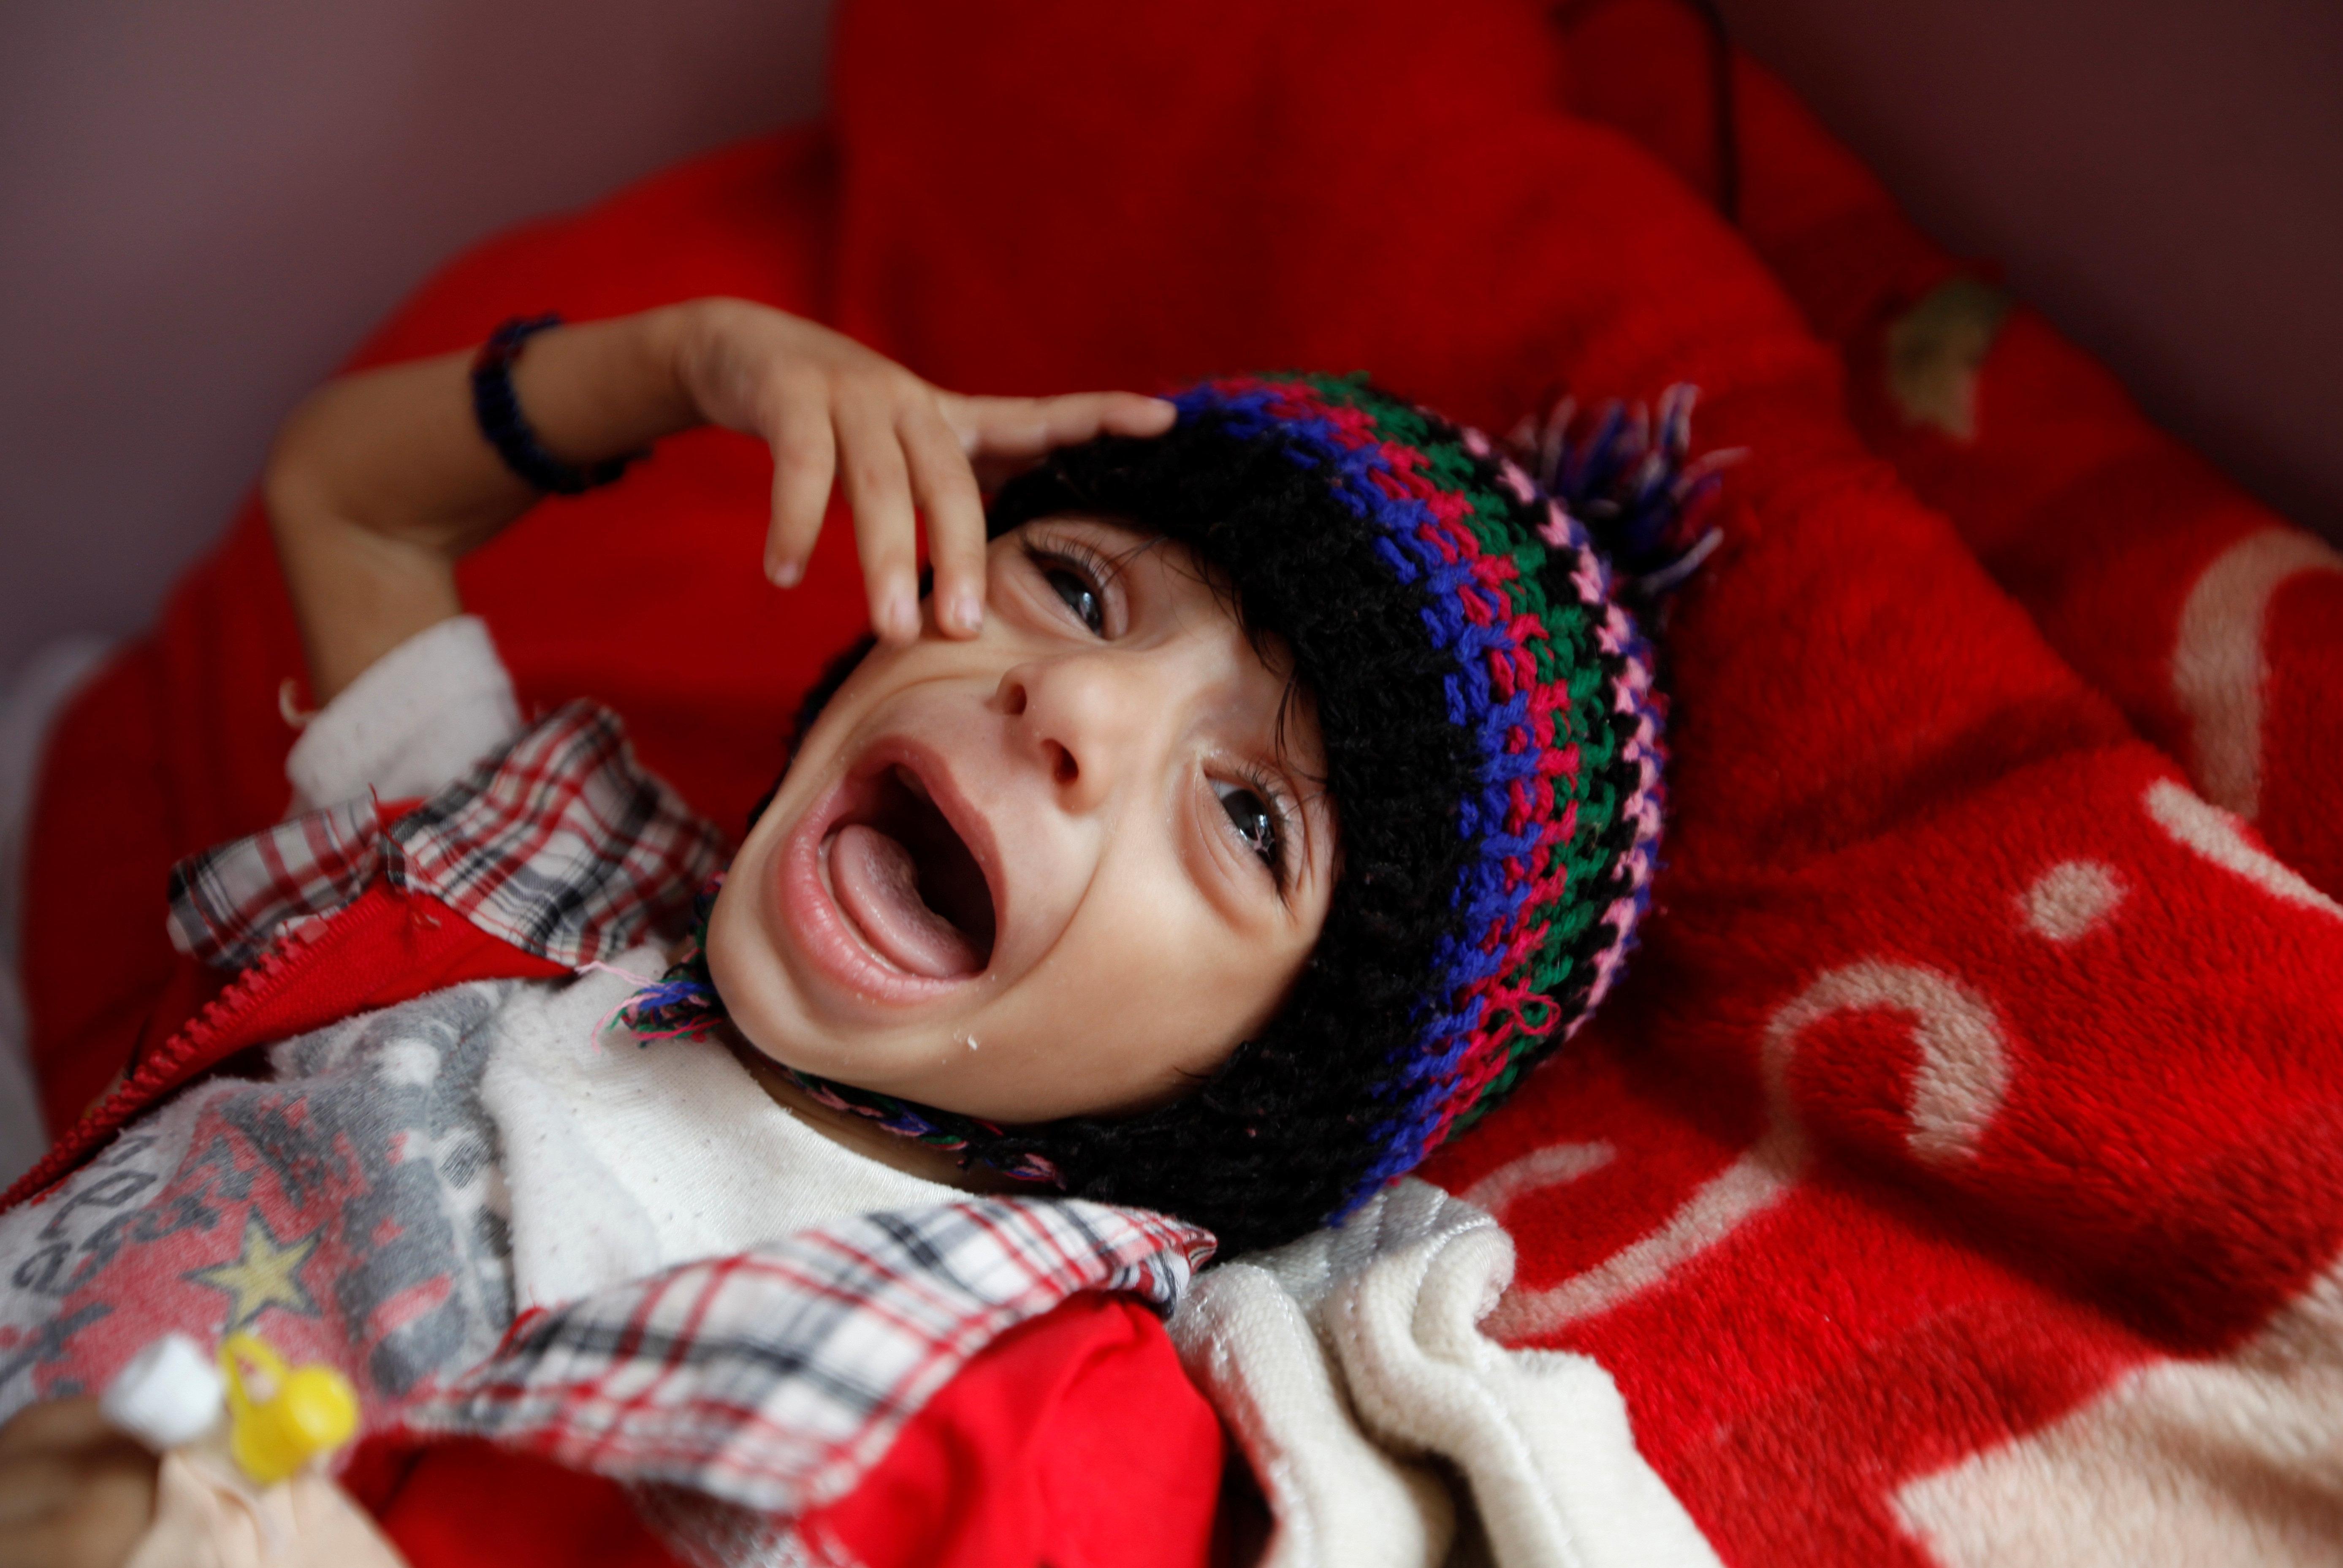 Yémen: 14 millions de personnes menacées par la